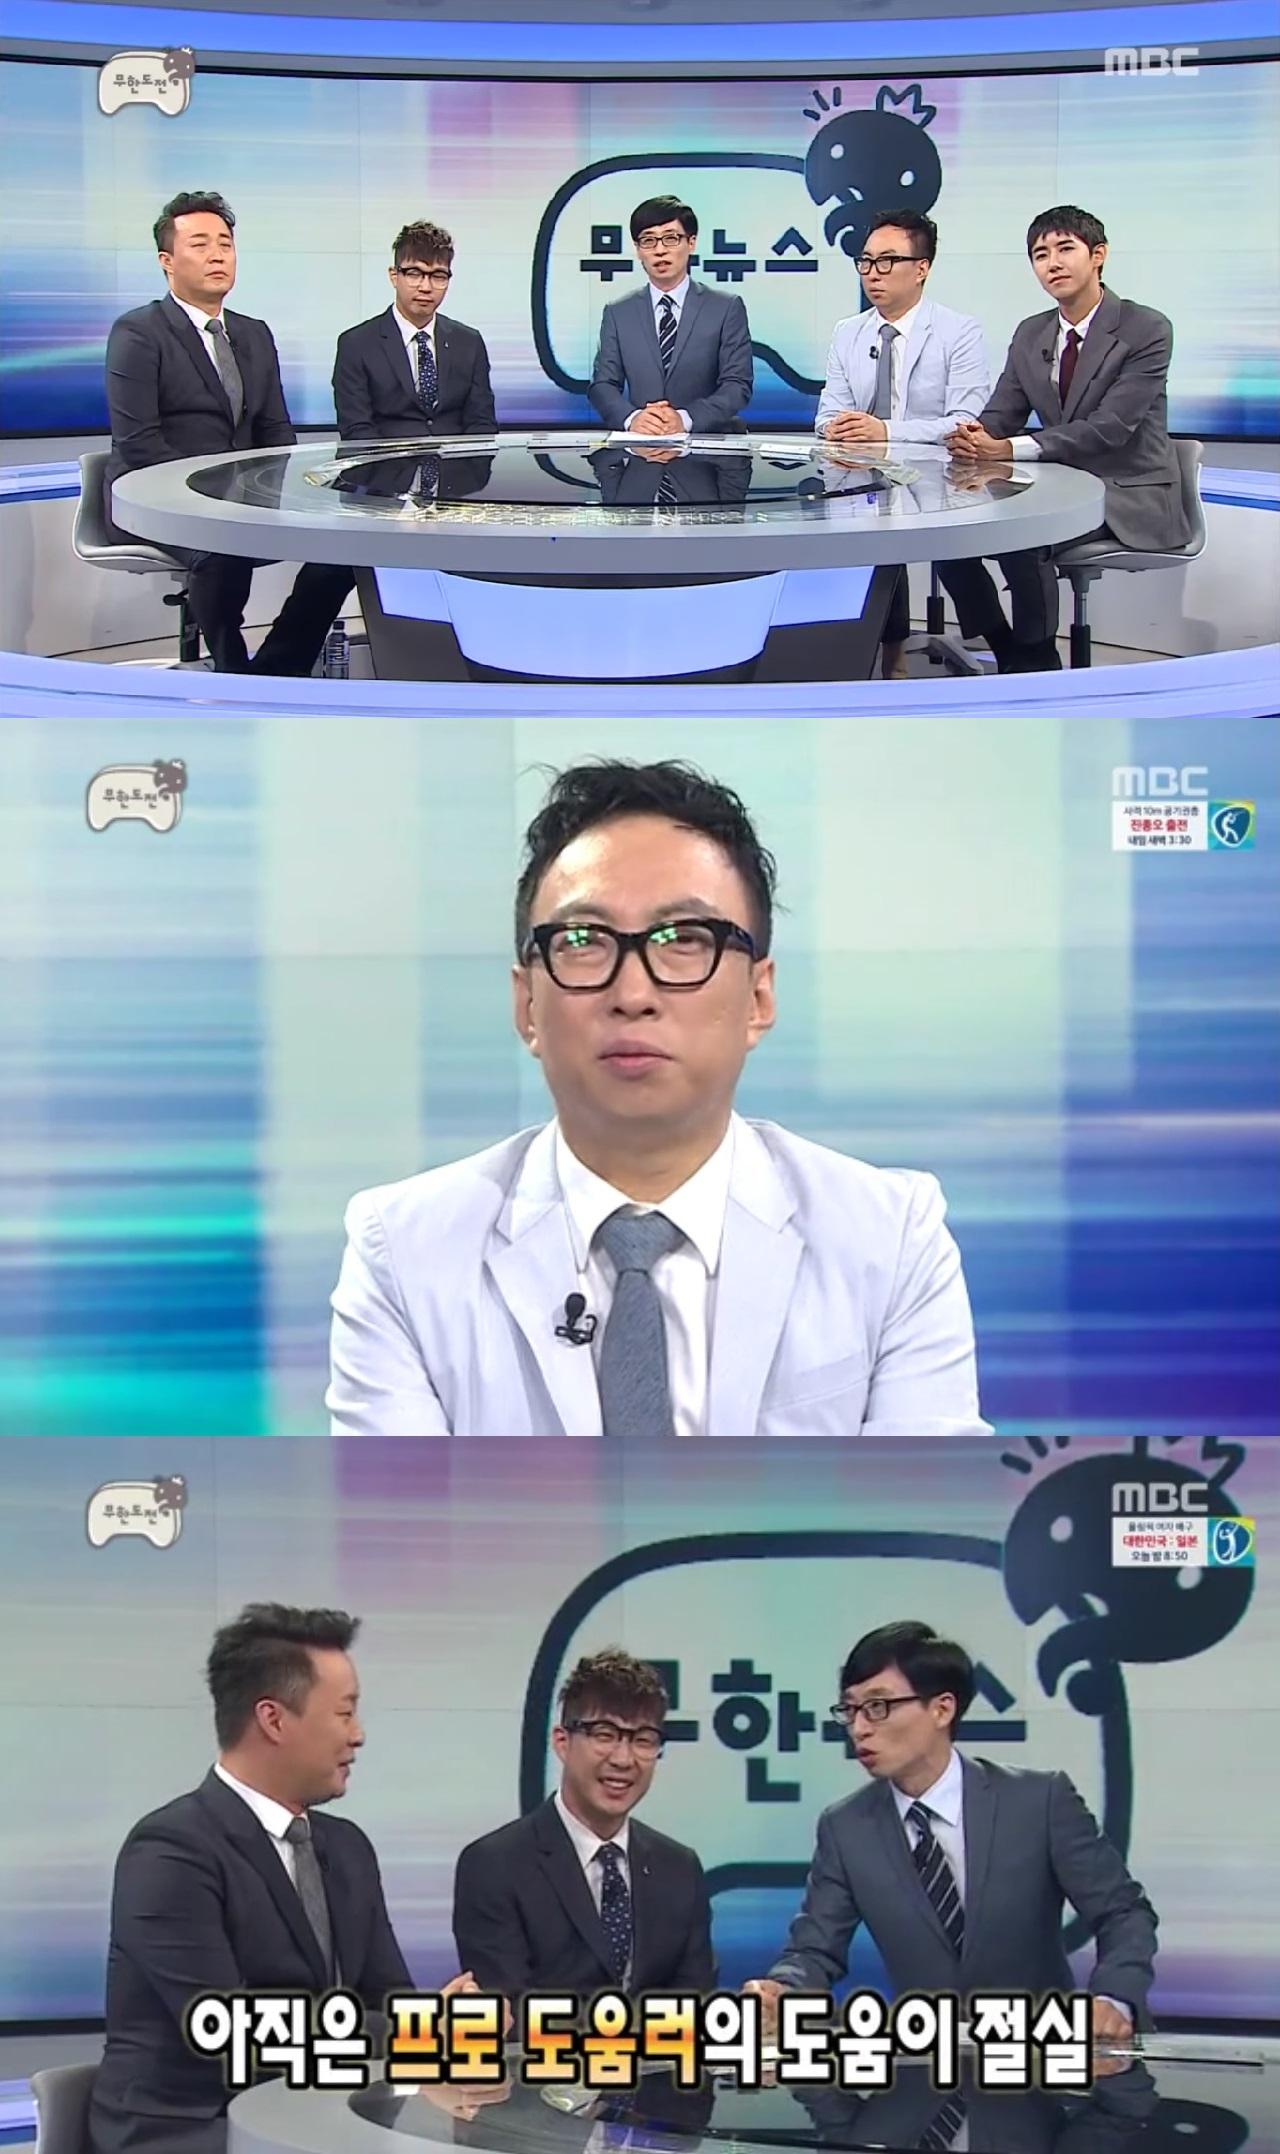 yoo jae suk park myung soo jung joon ha haha kwanghee